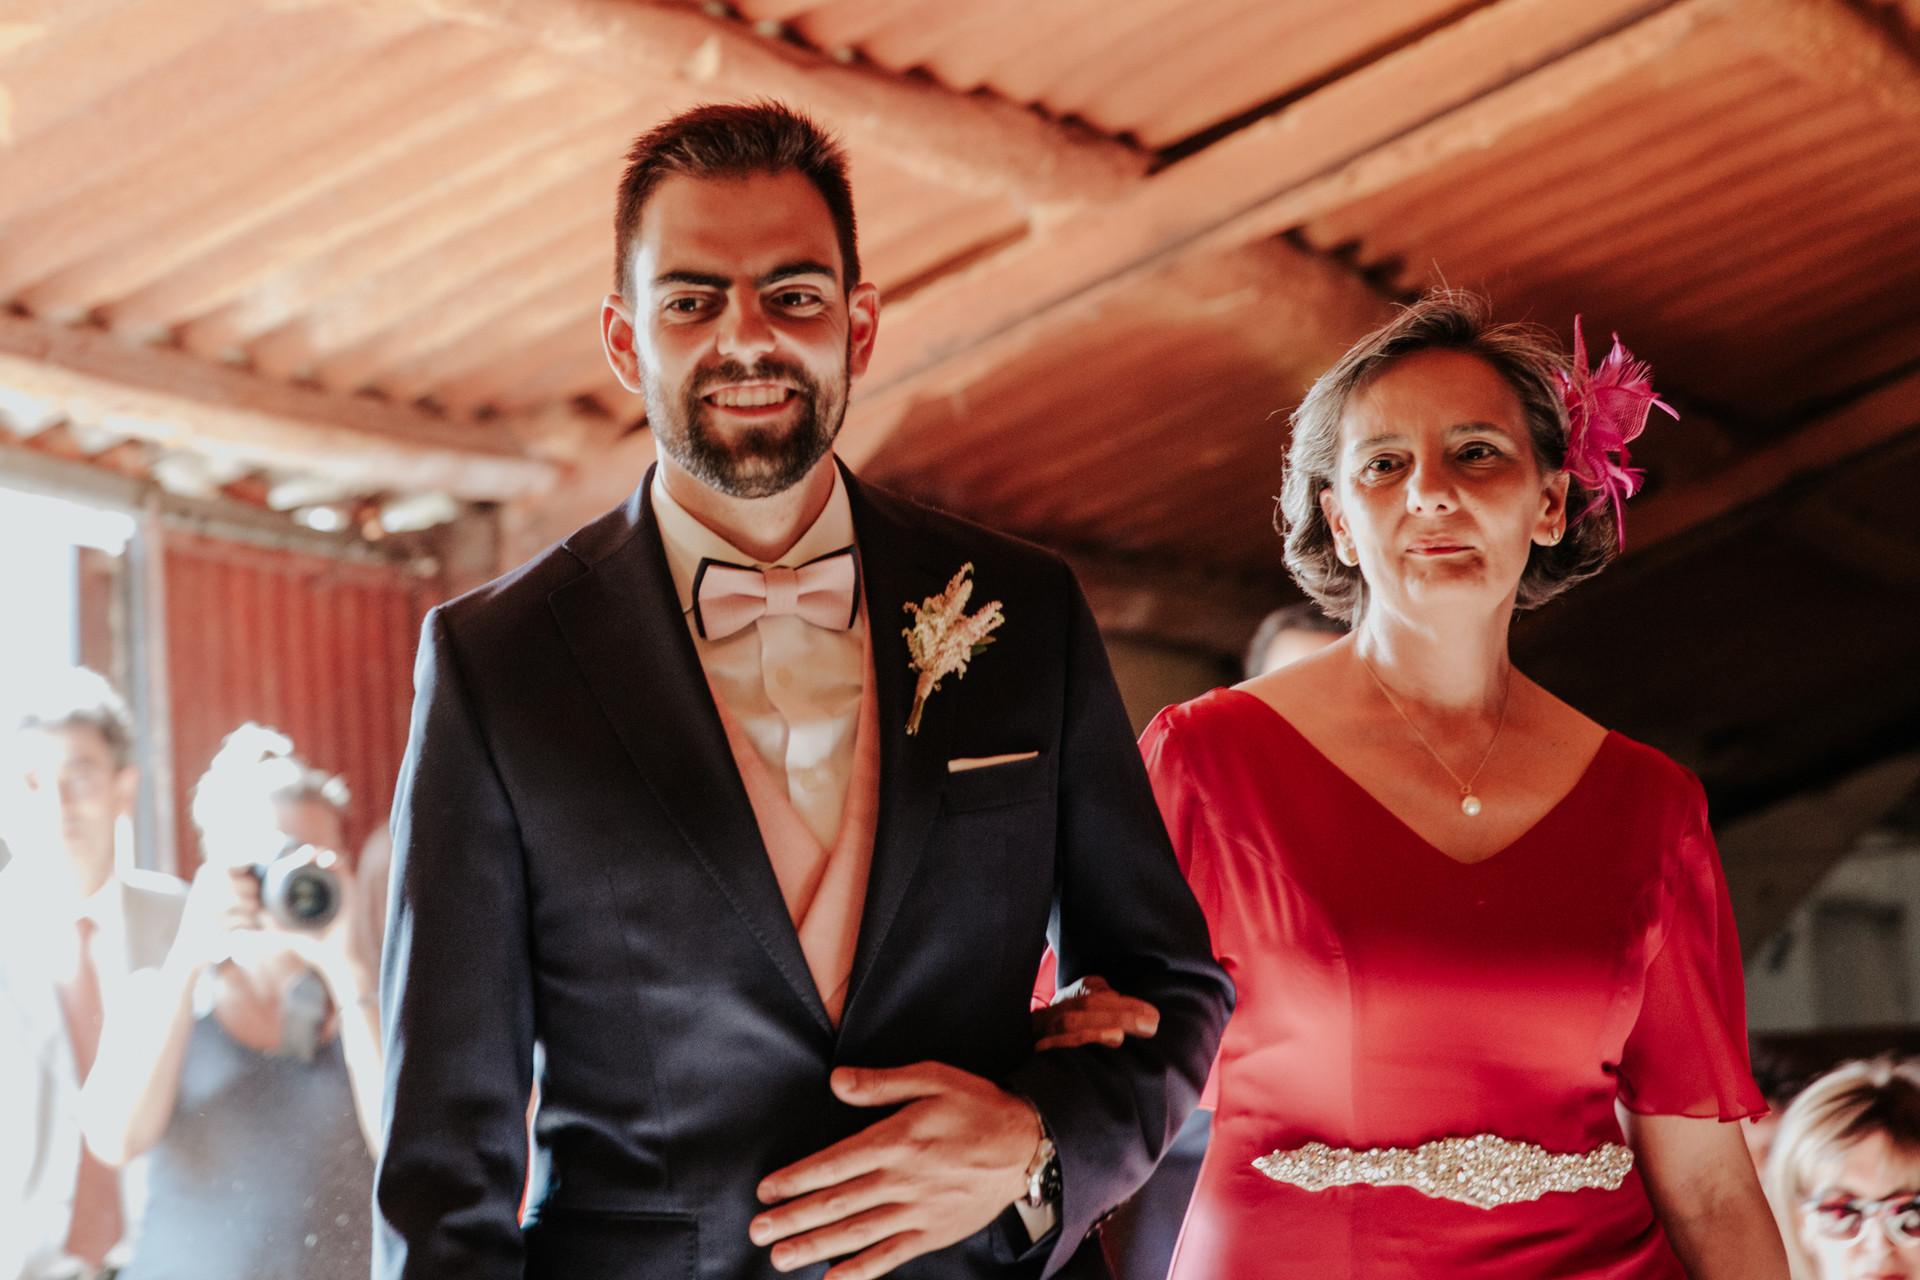 Boda_Alicia_&_Miguel_226.JPG